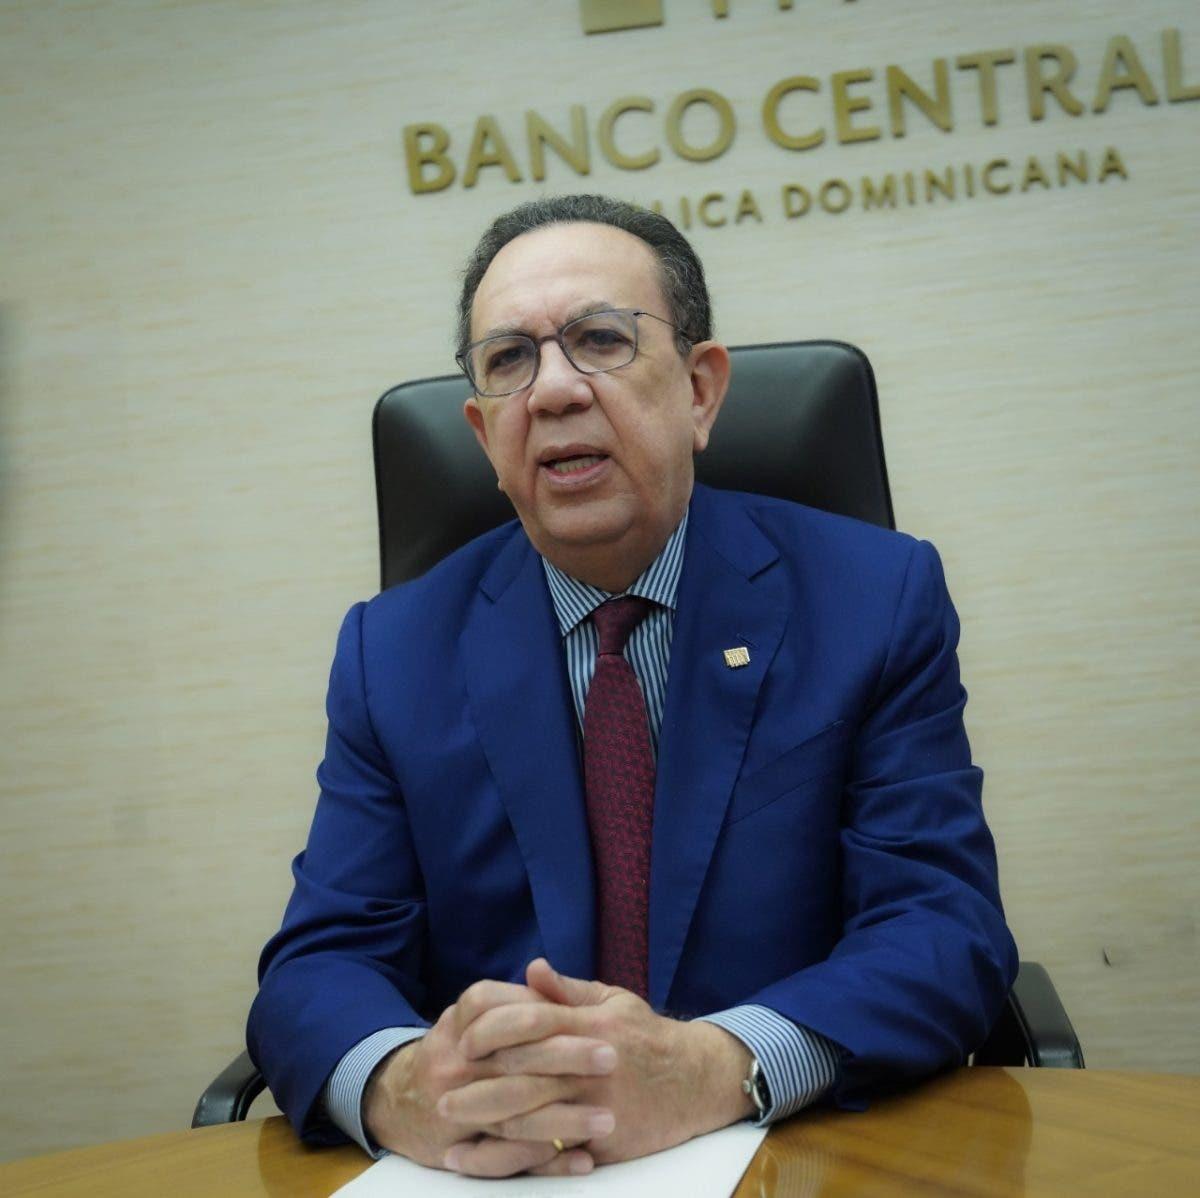 Banco Central espera economía nacional se estabilice a partir de junio